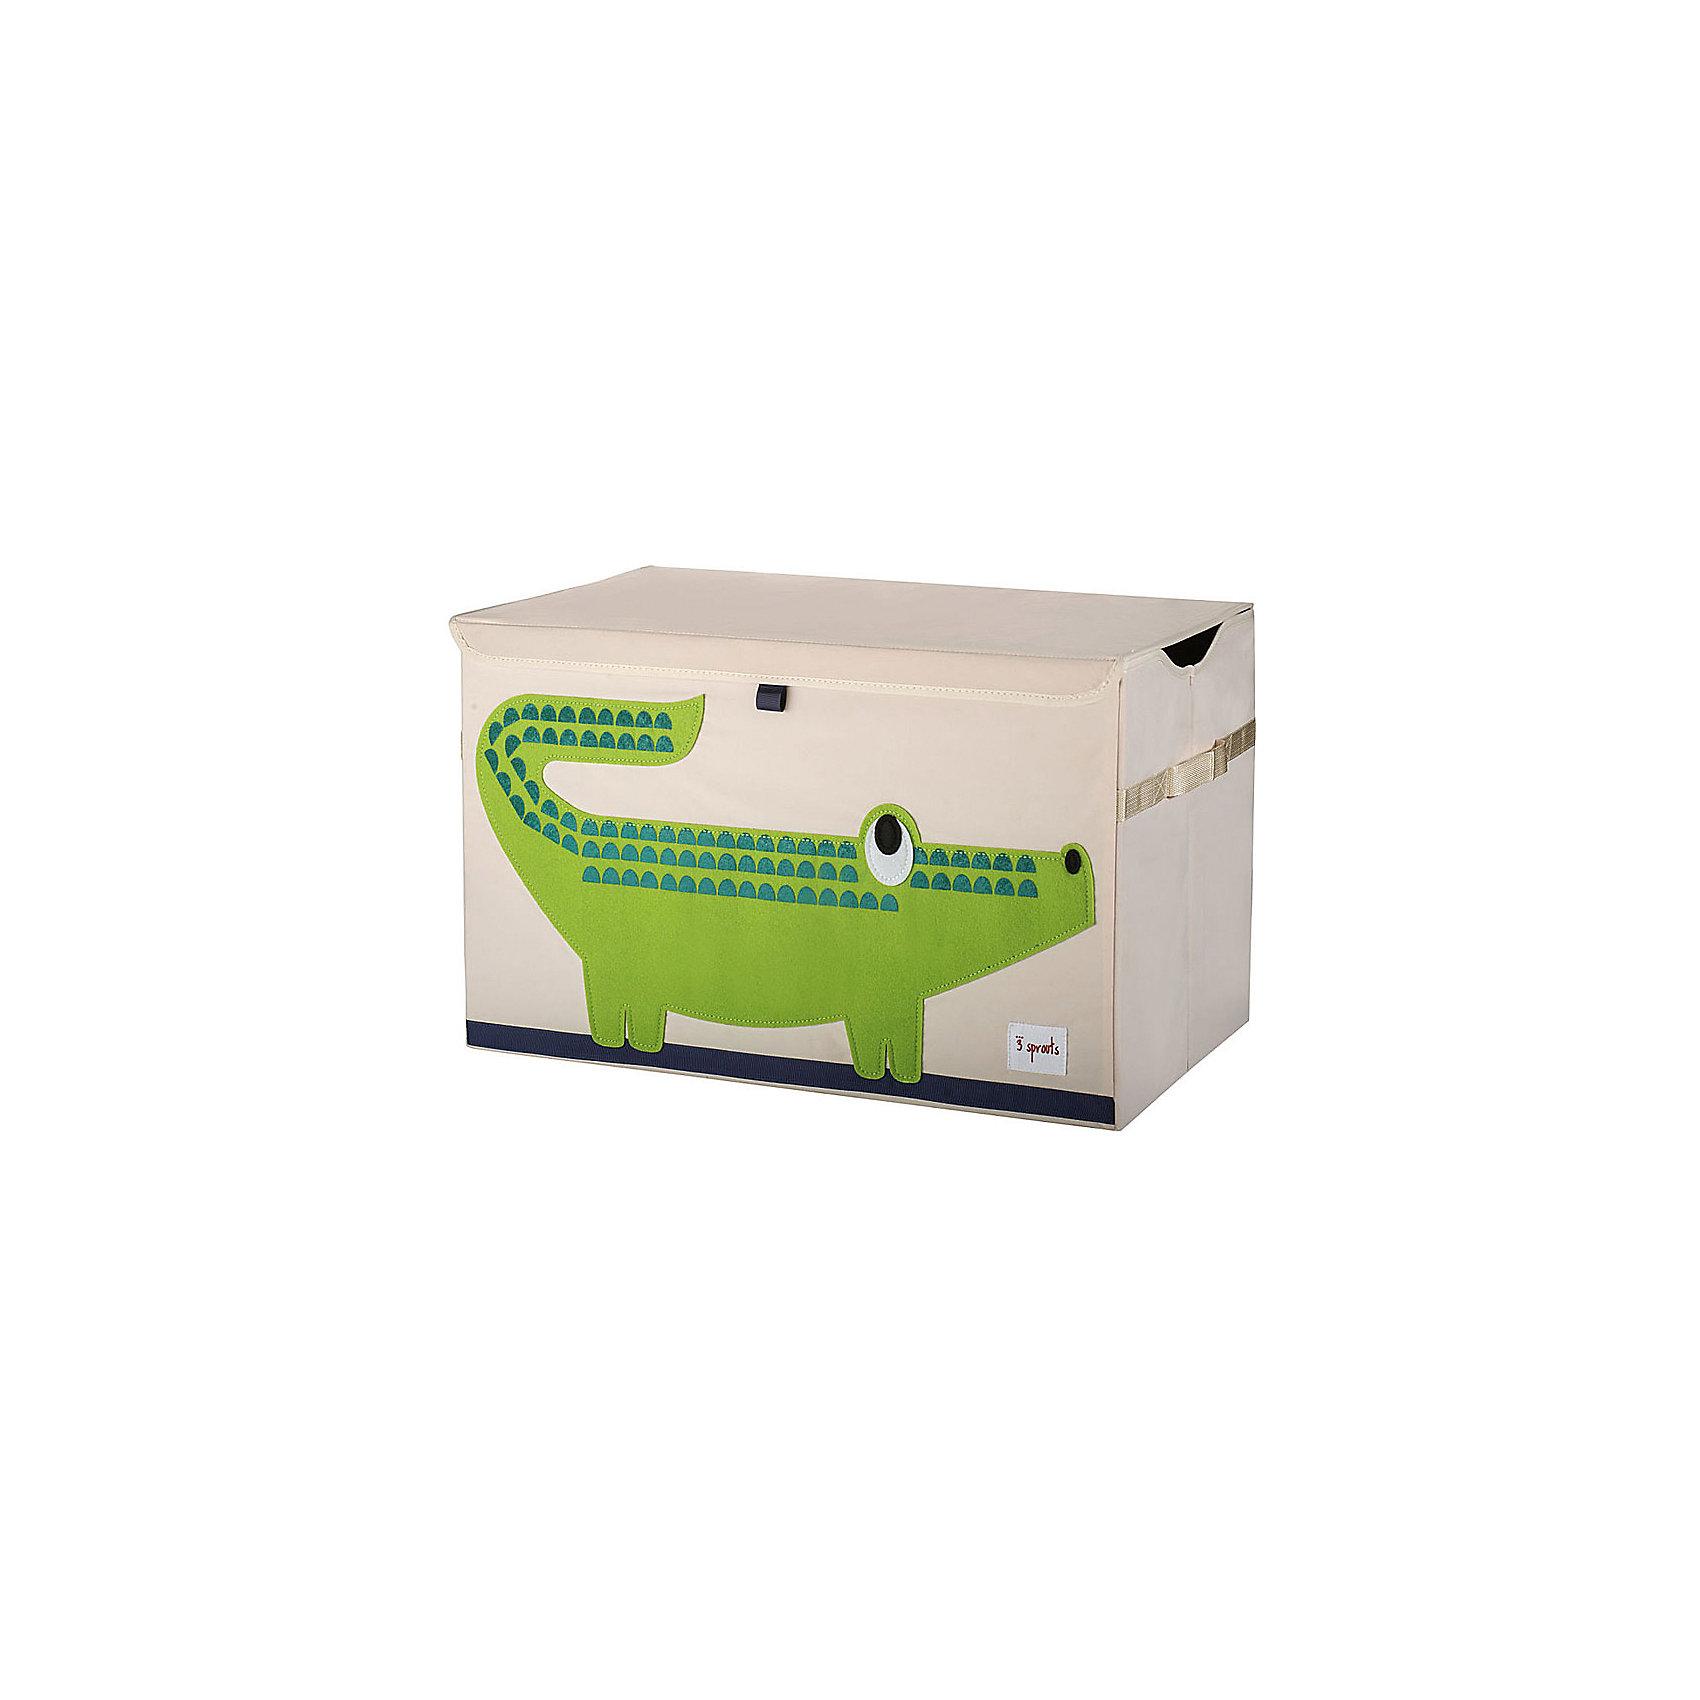 Сундук для хранения игрушек Крокодил (Green Crocodile), 3 SproutsПорядок в детской<br>Стильный и вместительный сундук для хранения белья будет прекрасным декором в Вашей комнате!<br><br>Дополнительная информация:<br><br>- Размер: 38x61x37 см.<br>- Материал: 100% полиэстер, 100% полиэстеровая фетровая аппликация, ДСП.<br>- Орнамент: Крокодил.<br><br>Купить сундук для хранения игрушек Крокодил (Green Crocodile), можно в нашем магазине.<br><br>Ширина мм: 660<br>Глубина мм: 25<br>Высота мм: 265<br>Вес г: 2432<br>Возраст от месяцев: 6<br>Возраст до месяцев: 84<br>Пол: Унисекс<br>Возраст: Детский<br>SKU: 5098255